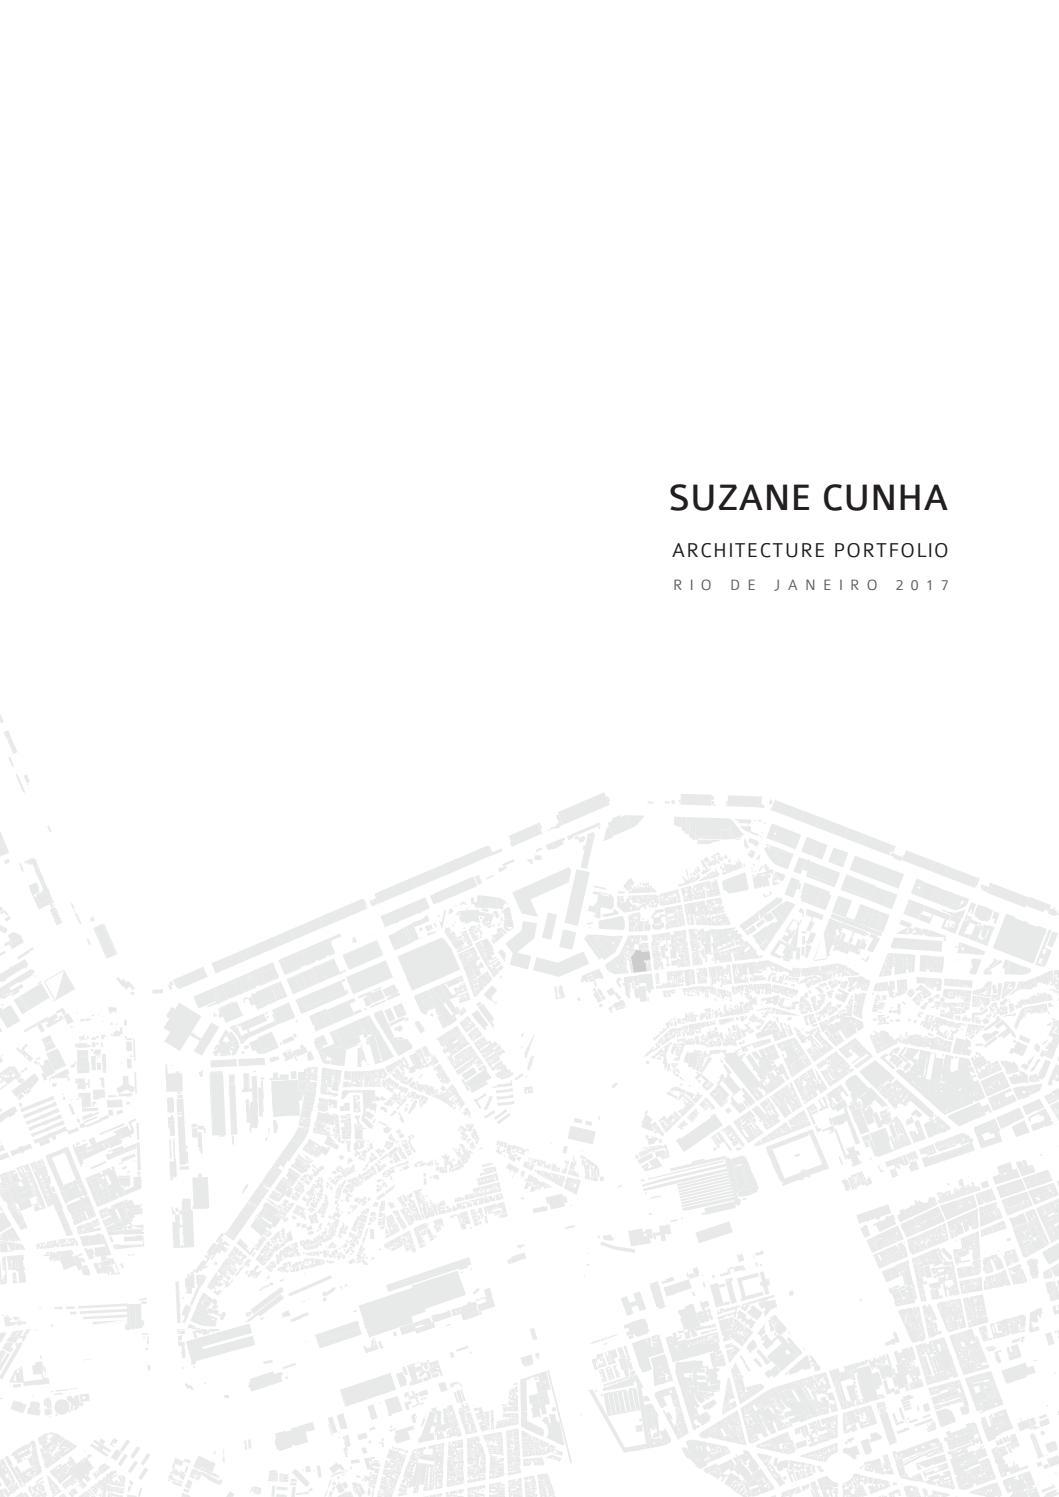 Suzane Cunha Architecture Portfolio 2017 English By Suzane Cunha